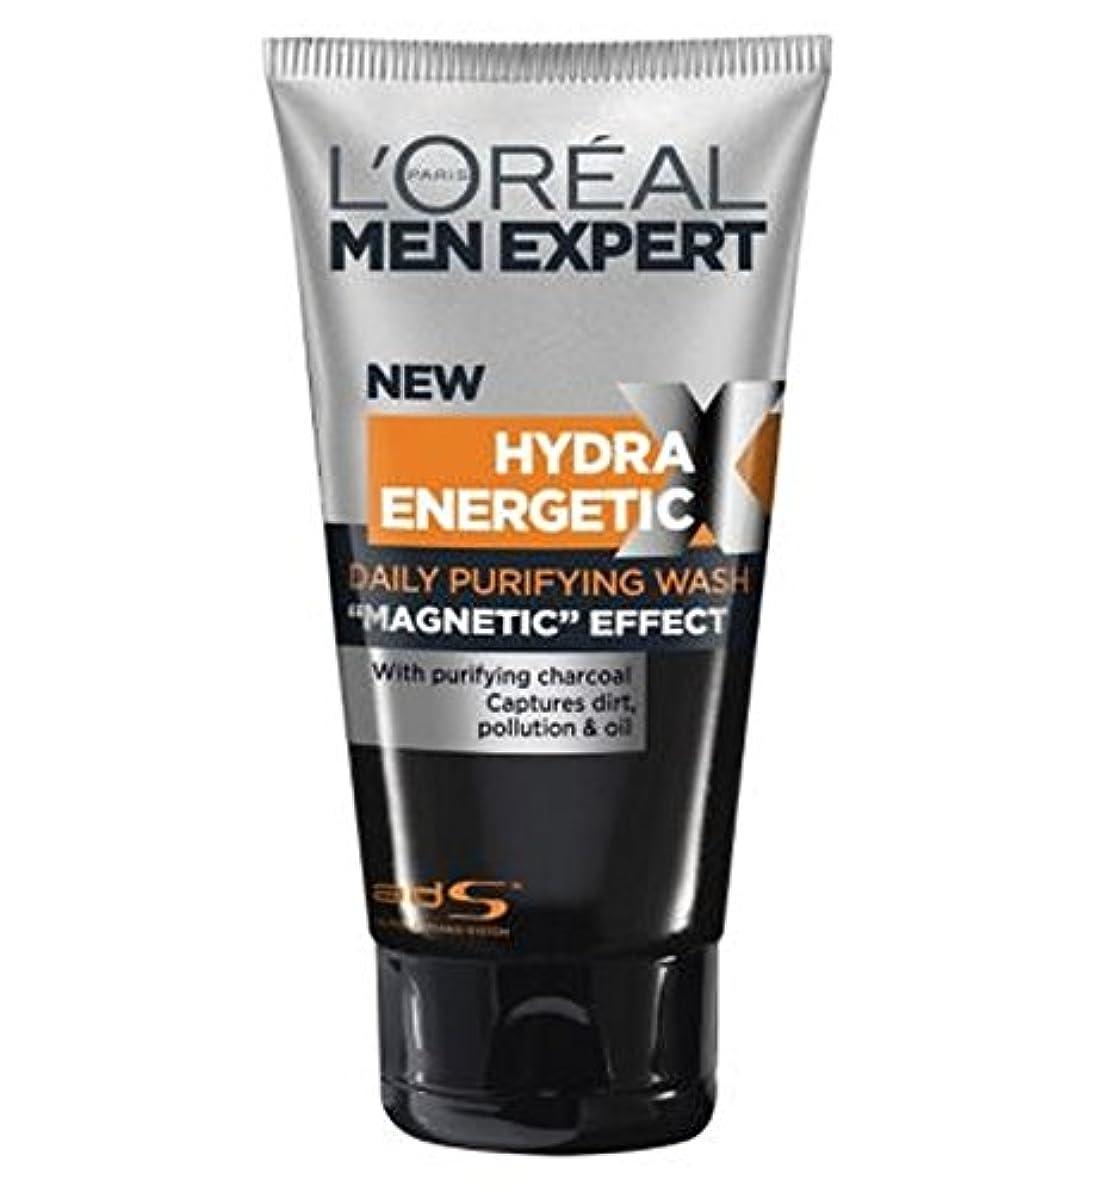 疲労病な矢印ロレアルの男性の専門家ヒドラエネルギッシュX-Treme黒い炭洗顔150ミリリットル (L'Oreal) (x2) - L'Oreal Men Expert Hydra Energetic X-Treme Black Charcoal...